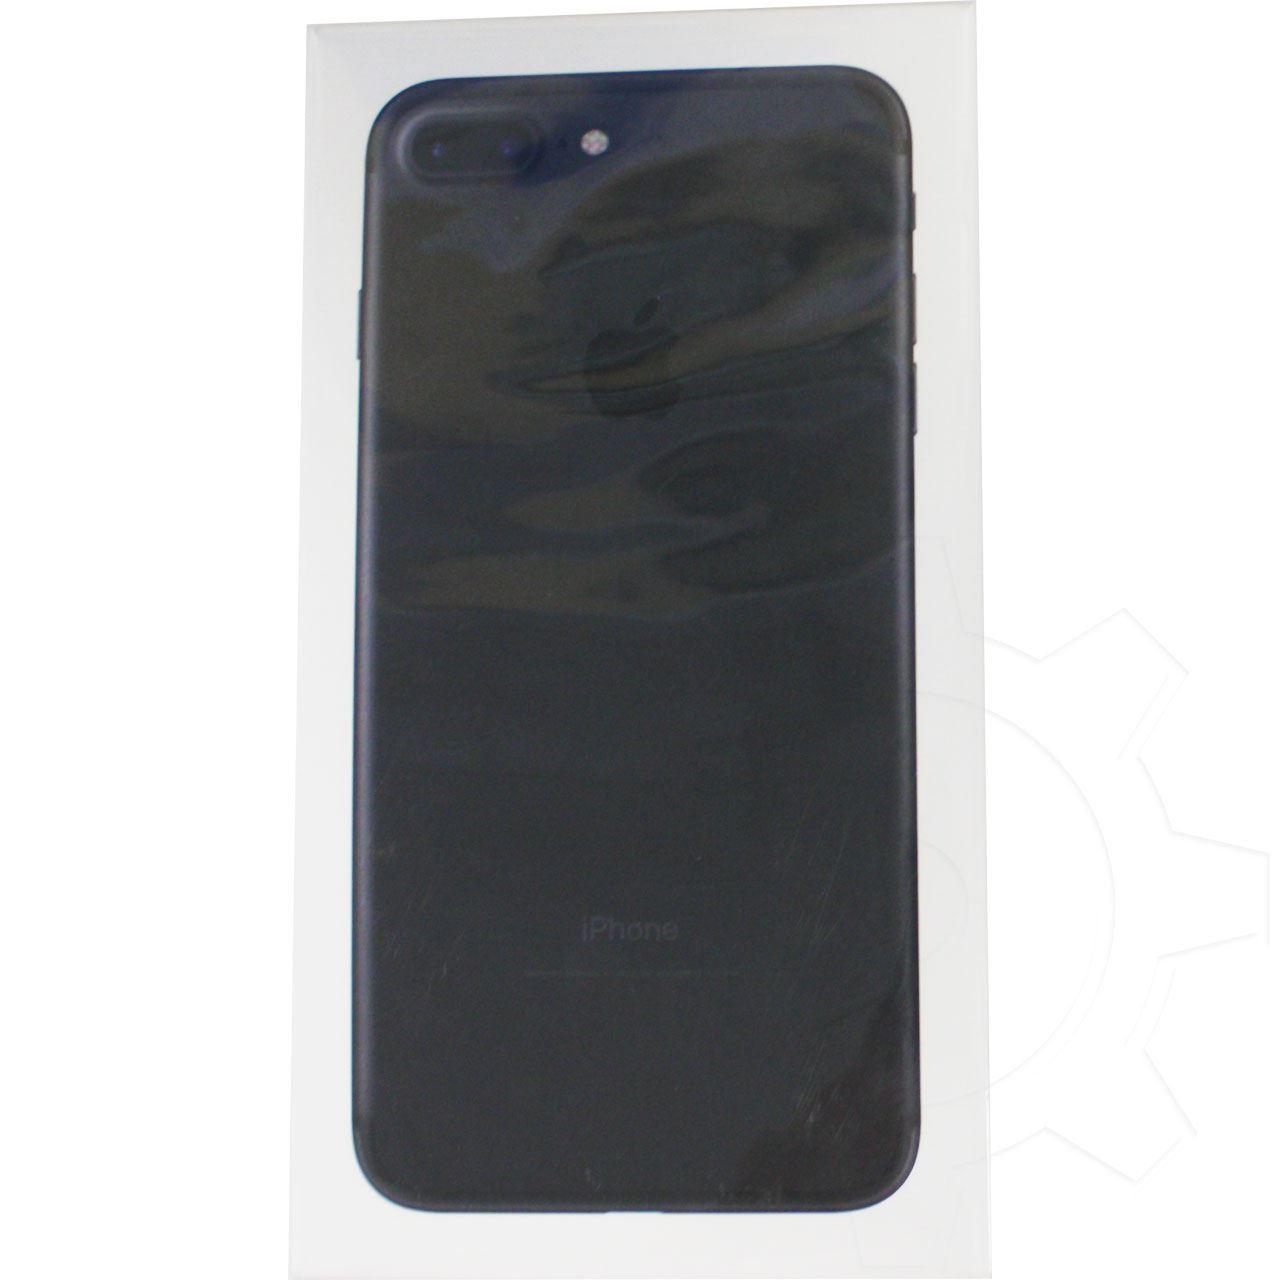 Iphone  Plus Gb Schwarz Ohne Vertrag